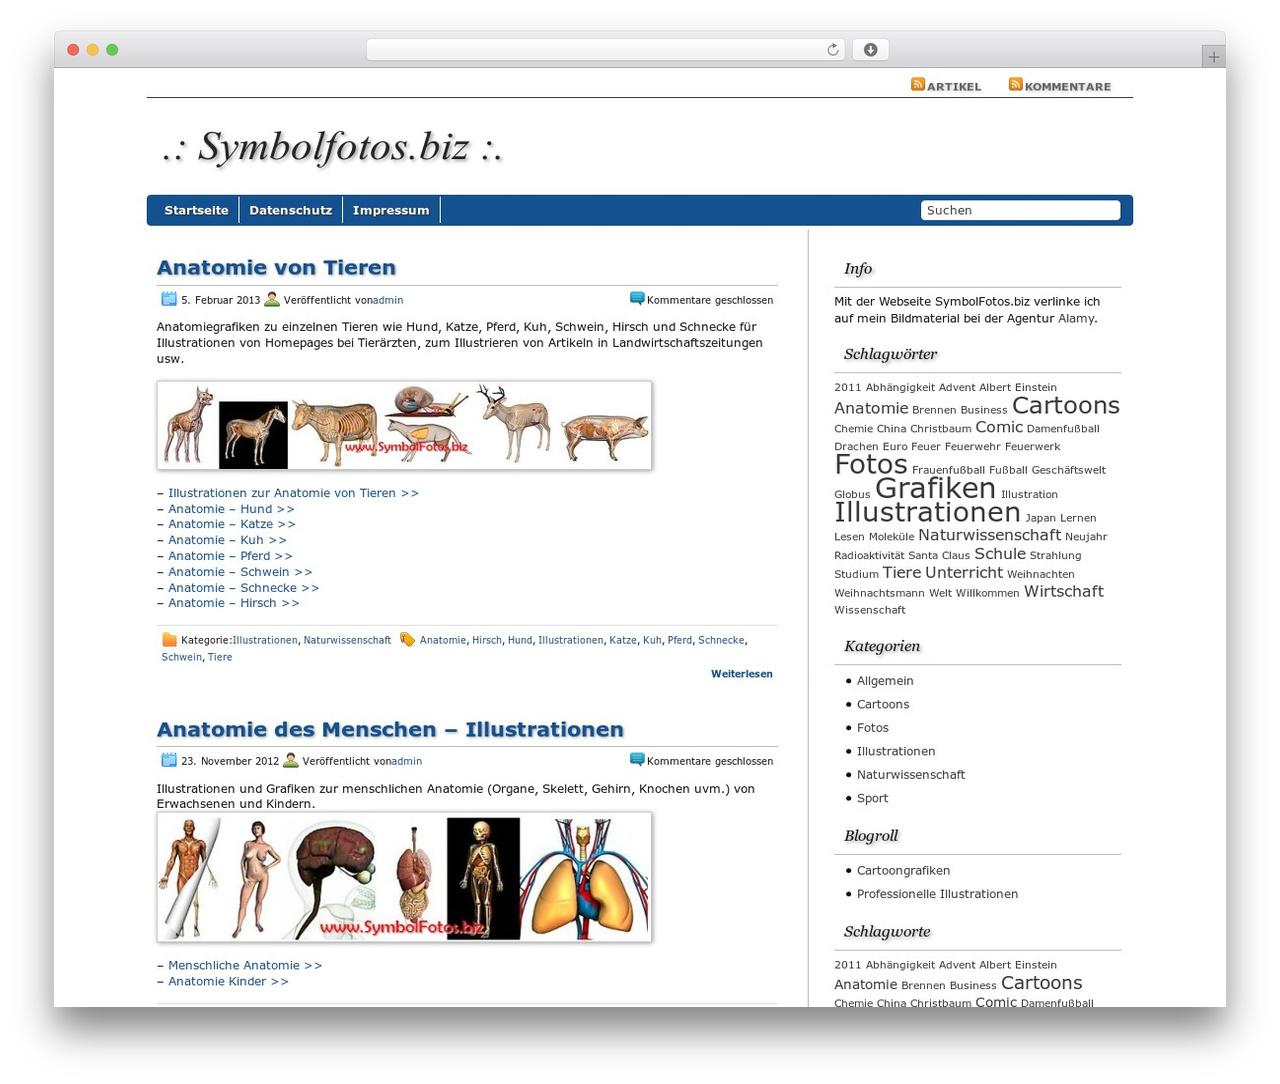 Charmant Kuh Skelett Anatomie Bilder - Menschliche Anatomie Bilder ...